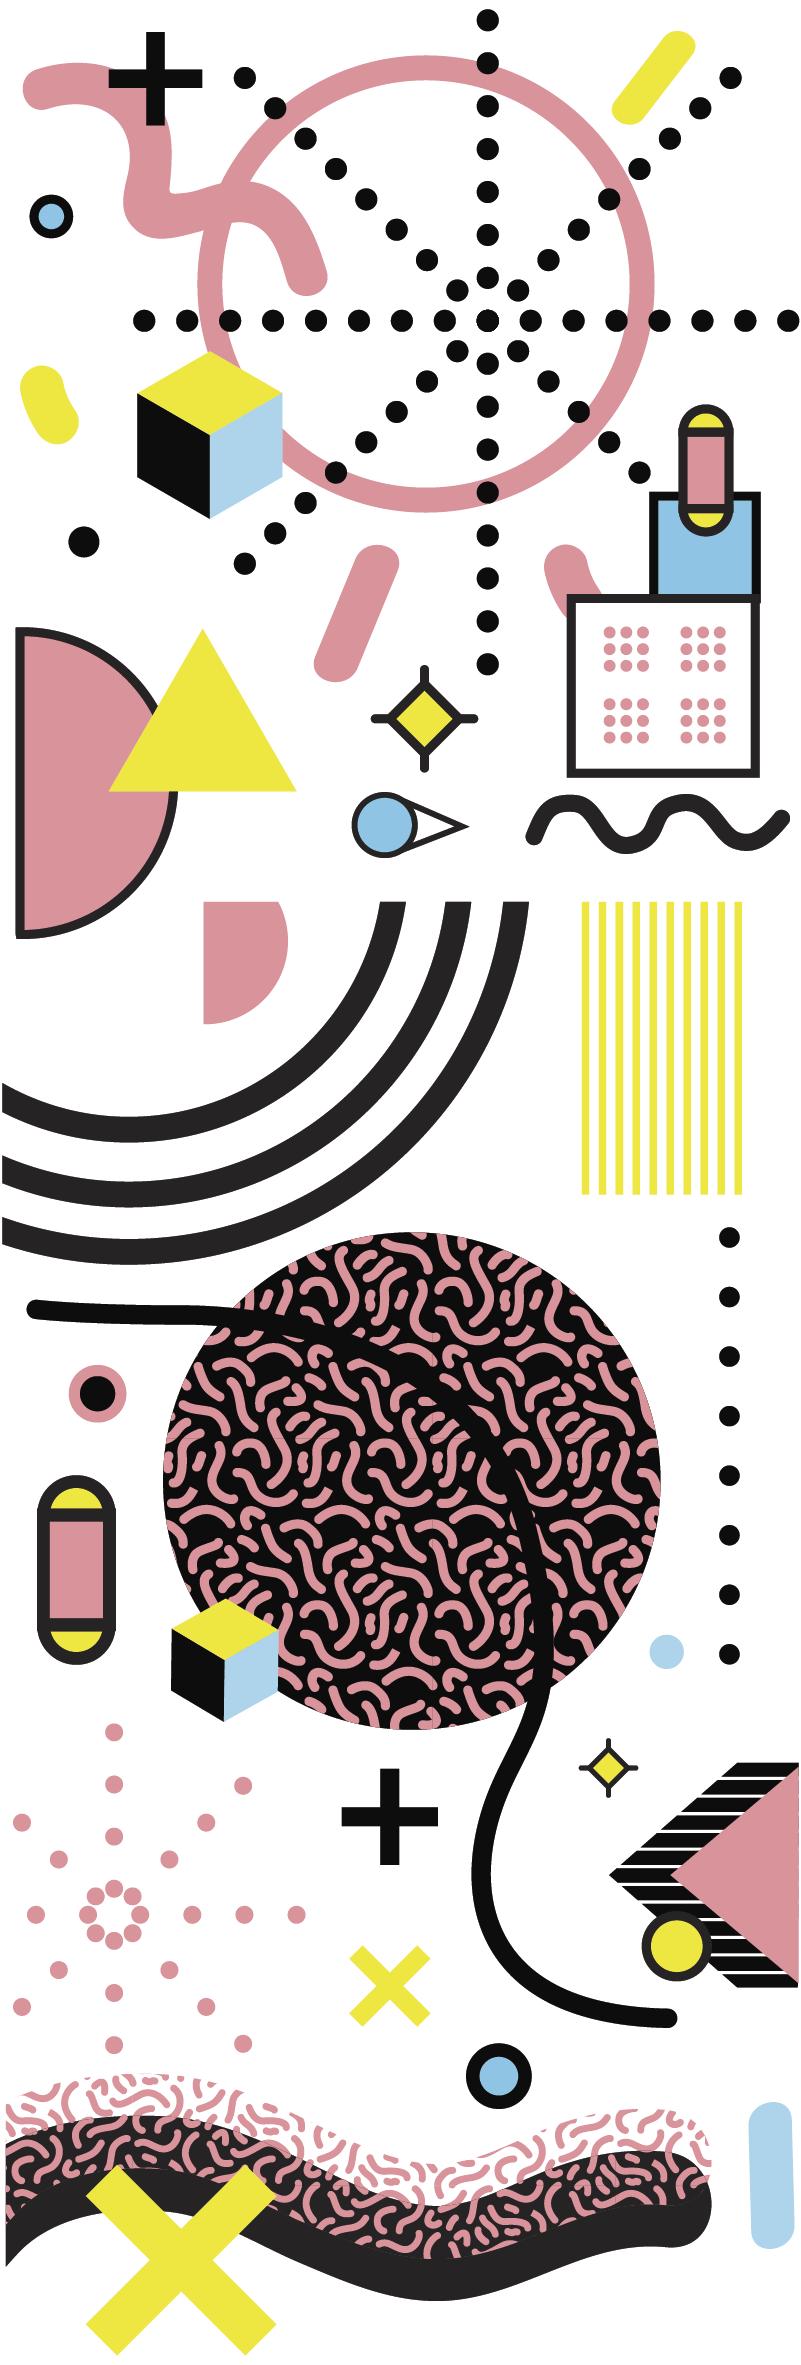 Tenstickers. Memphis-tyylisen lasioven tarra. Koristeellinen vinyyli-ovitarra memphis-tyylisten abstraktien taidesuunnittelulla. Valitse se sopivimmassa koossa haluamotilaan.